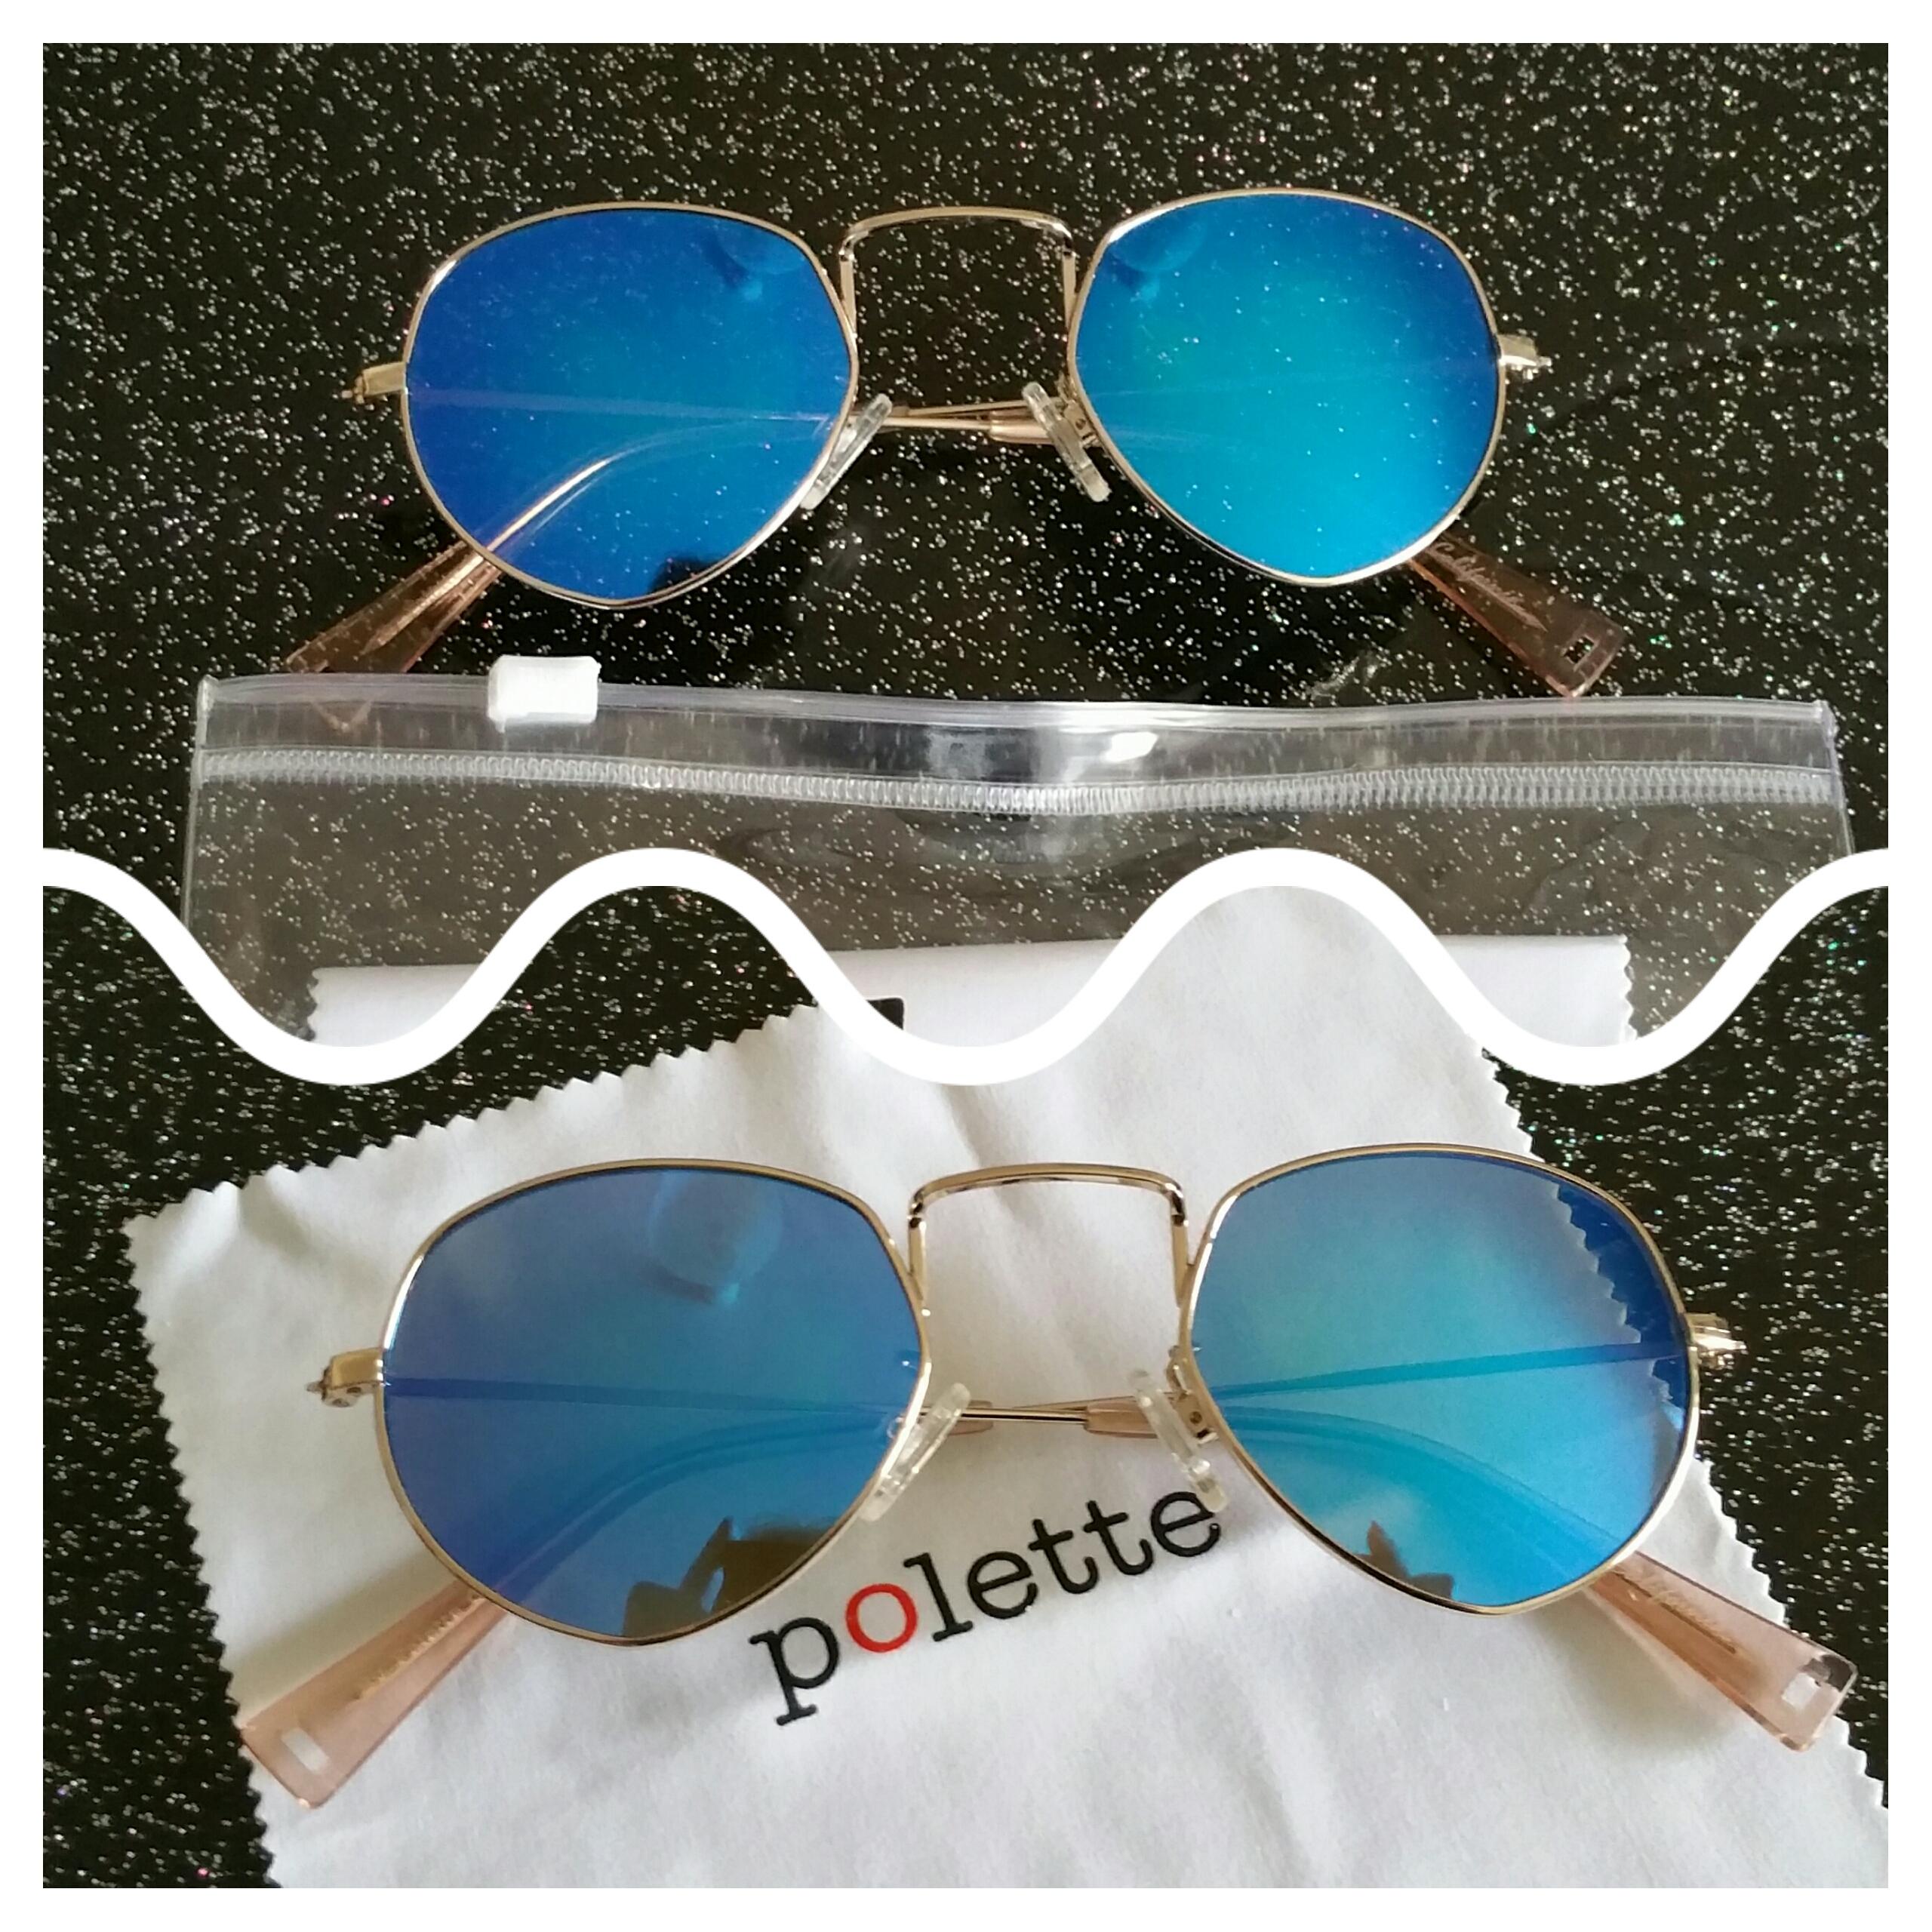 J ai carrément craqué pour ces lunettes en métal argent avec ses formes  originales ainsi que pour les verres miroir d un bleu intense! 02a044cb47a0